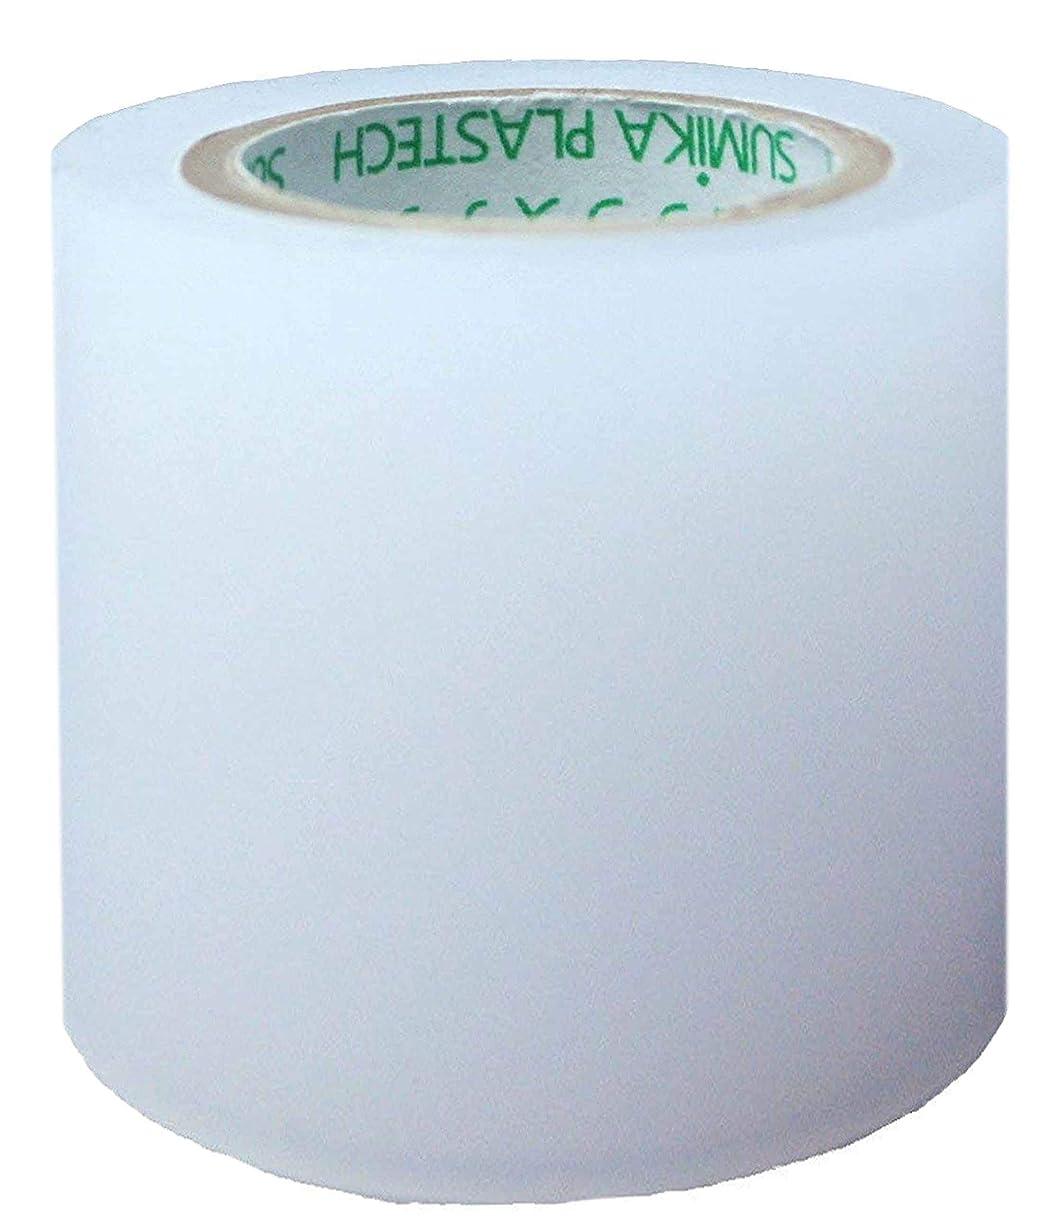 ペンス進行中気晴らし交換用加湿フィルター FZY80MF 互換品 加湿空気清浄機適用 (FZY80MF (1個入り))